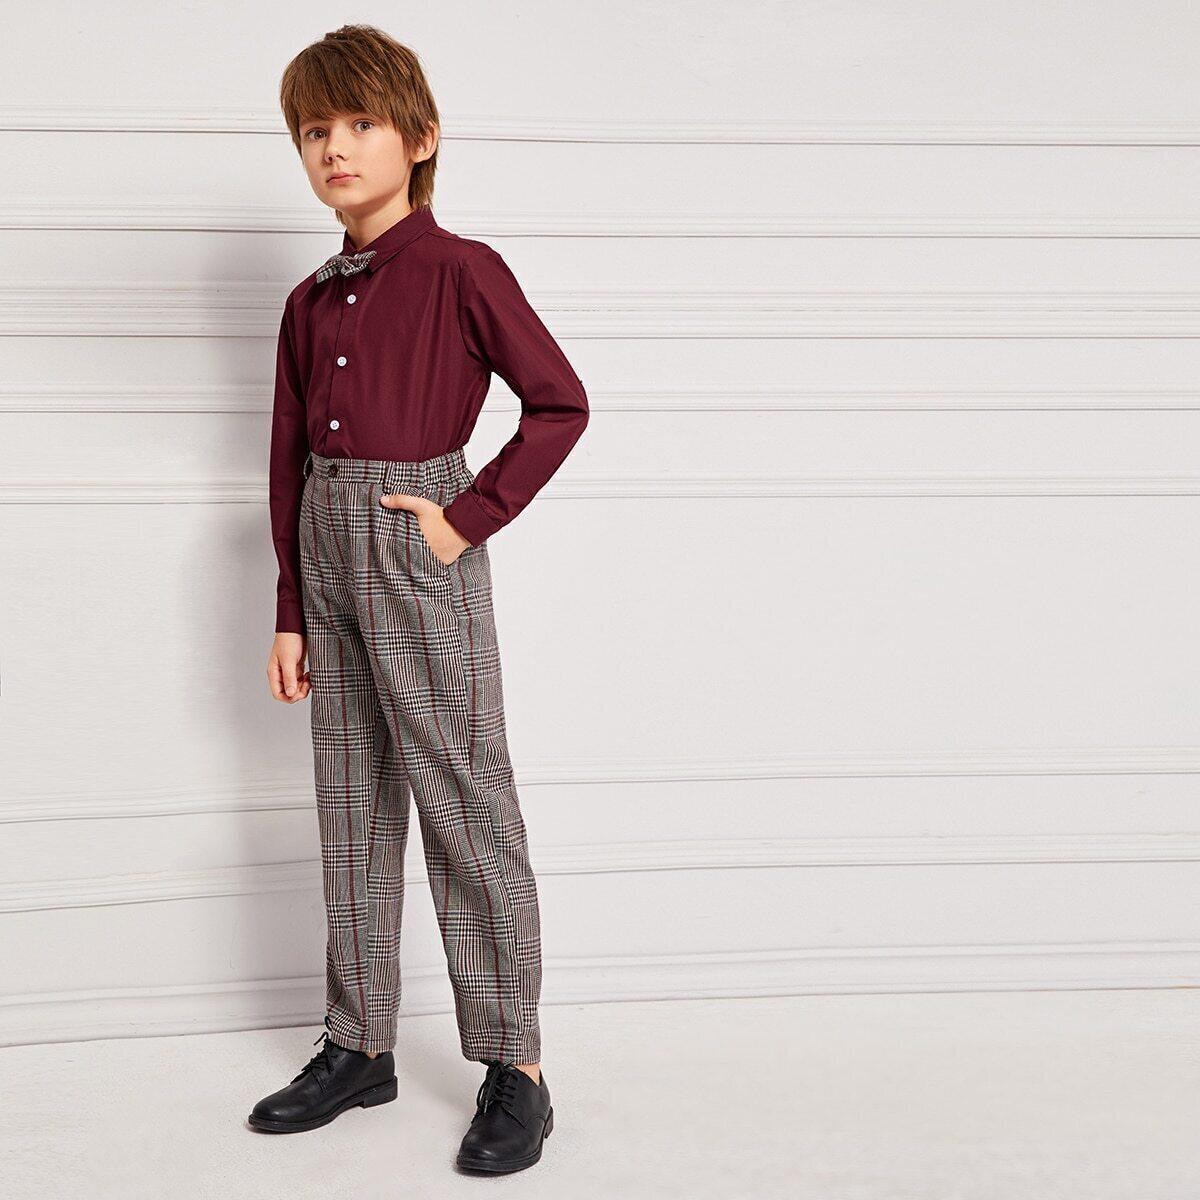 Veel kleurig School  Ruitmotief Tweedelige jongens outfits Boog